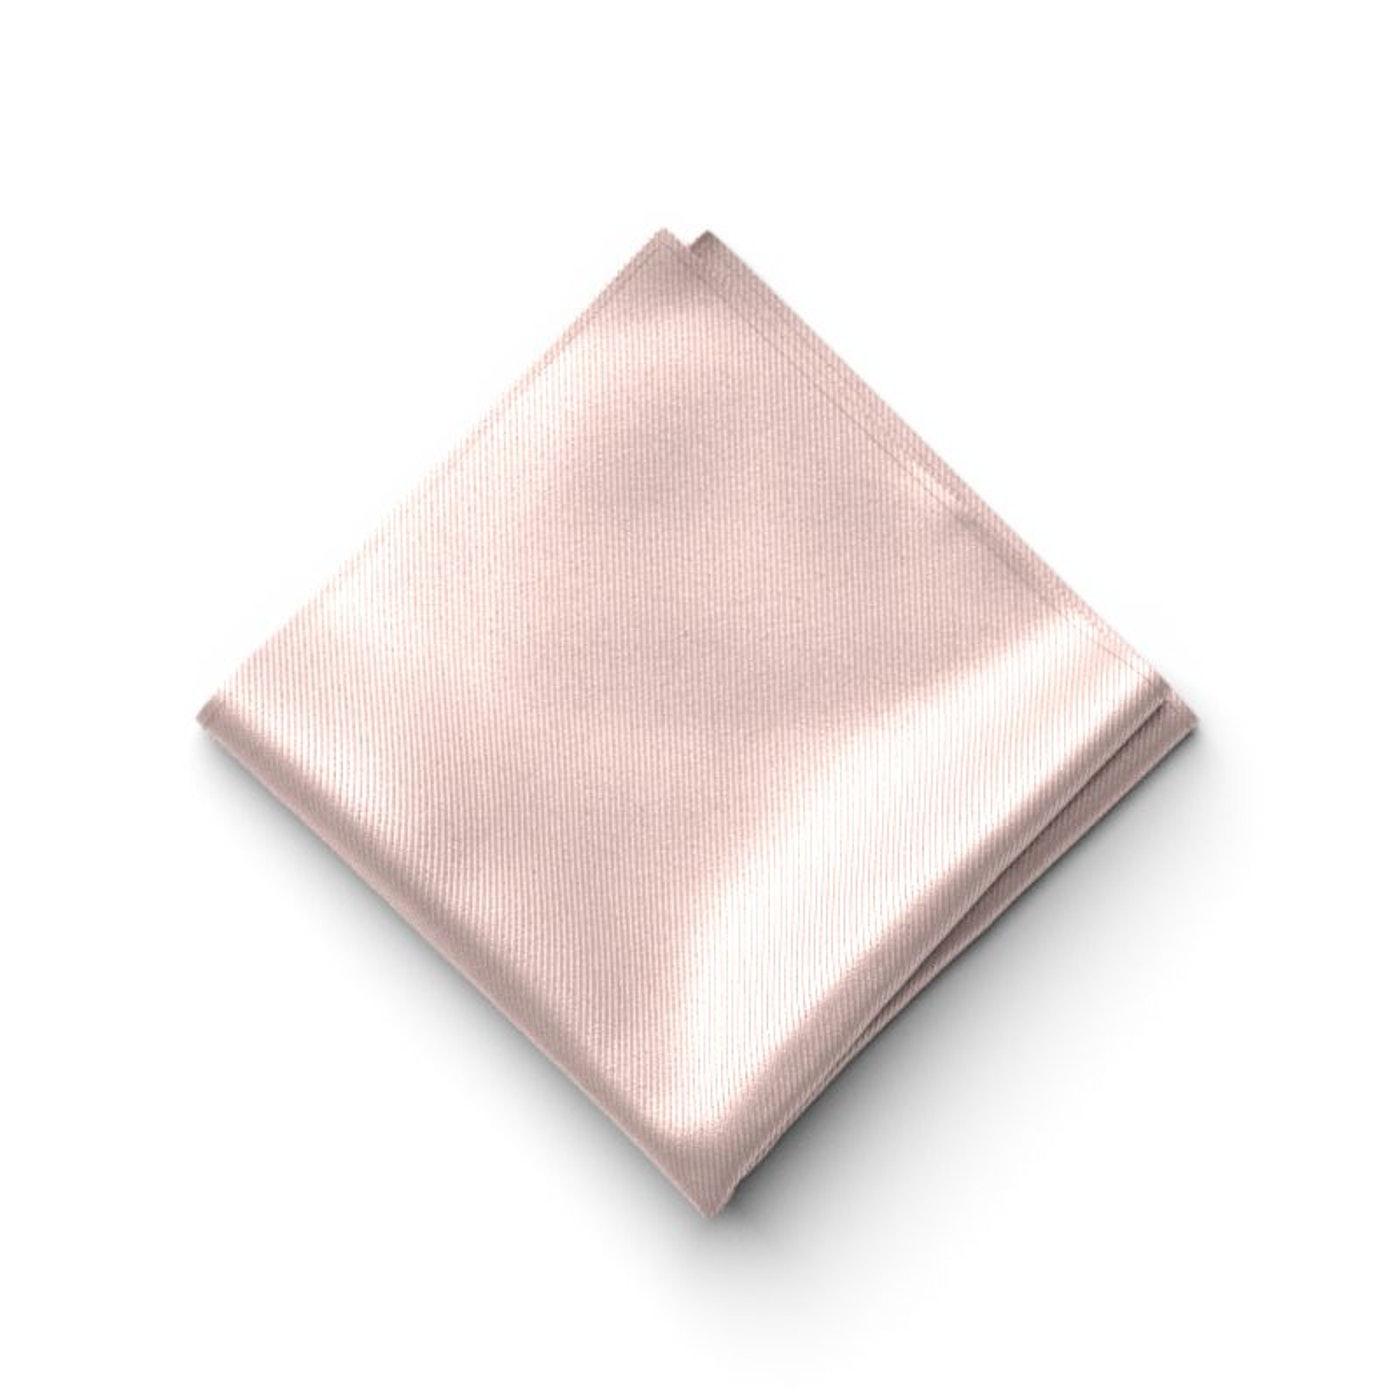 Petal-Blush Pocket Square